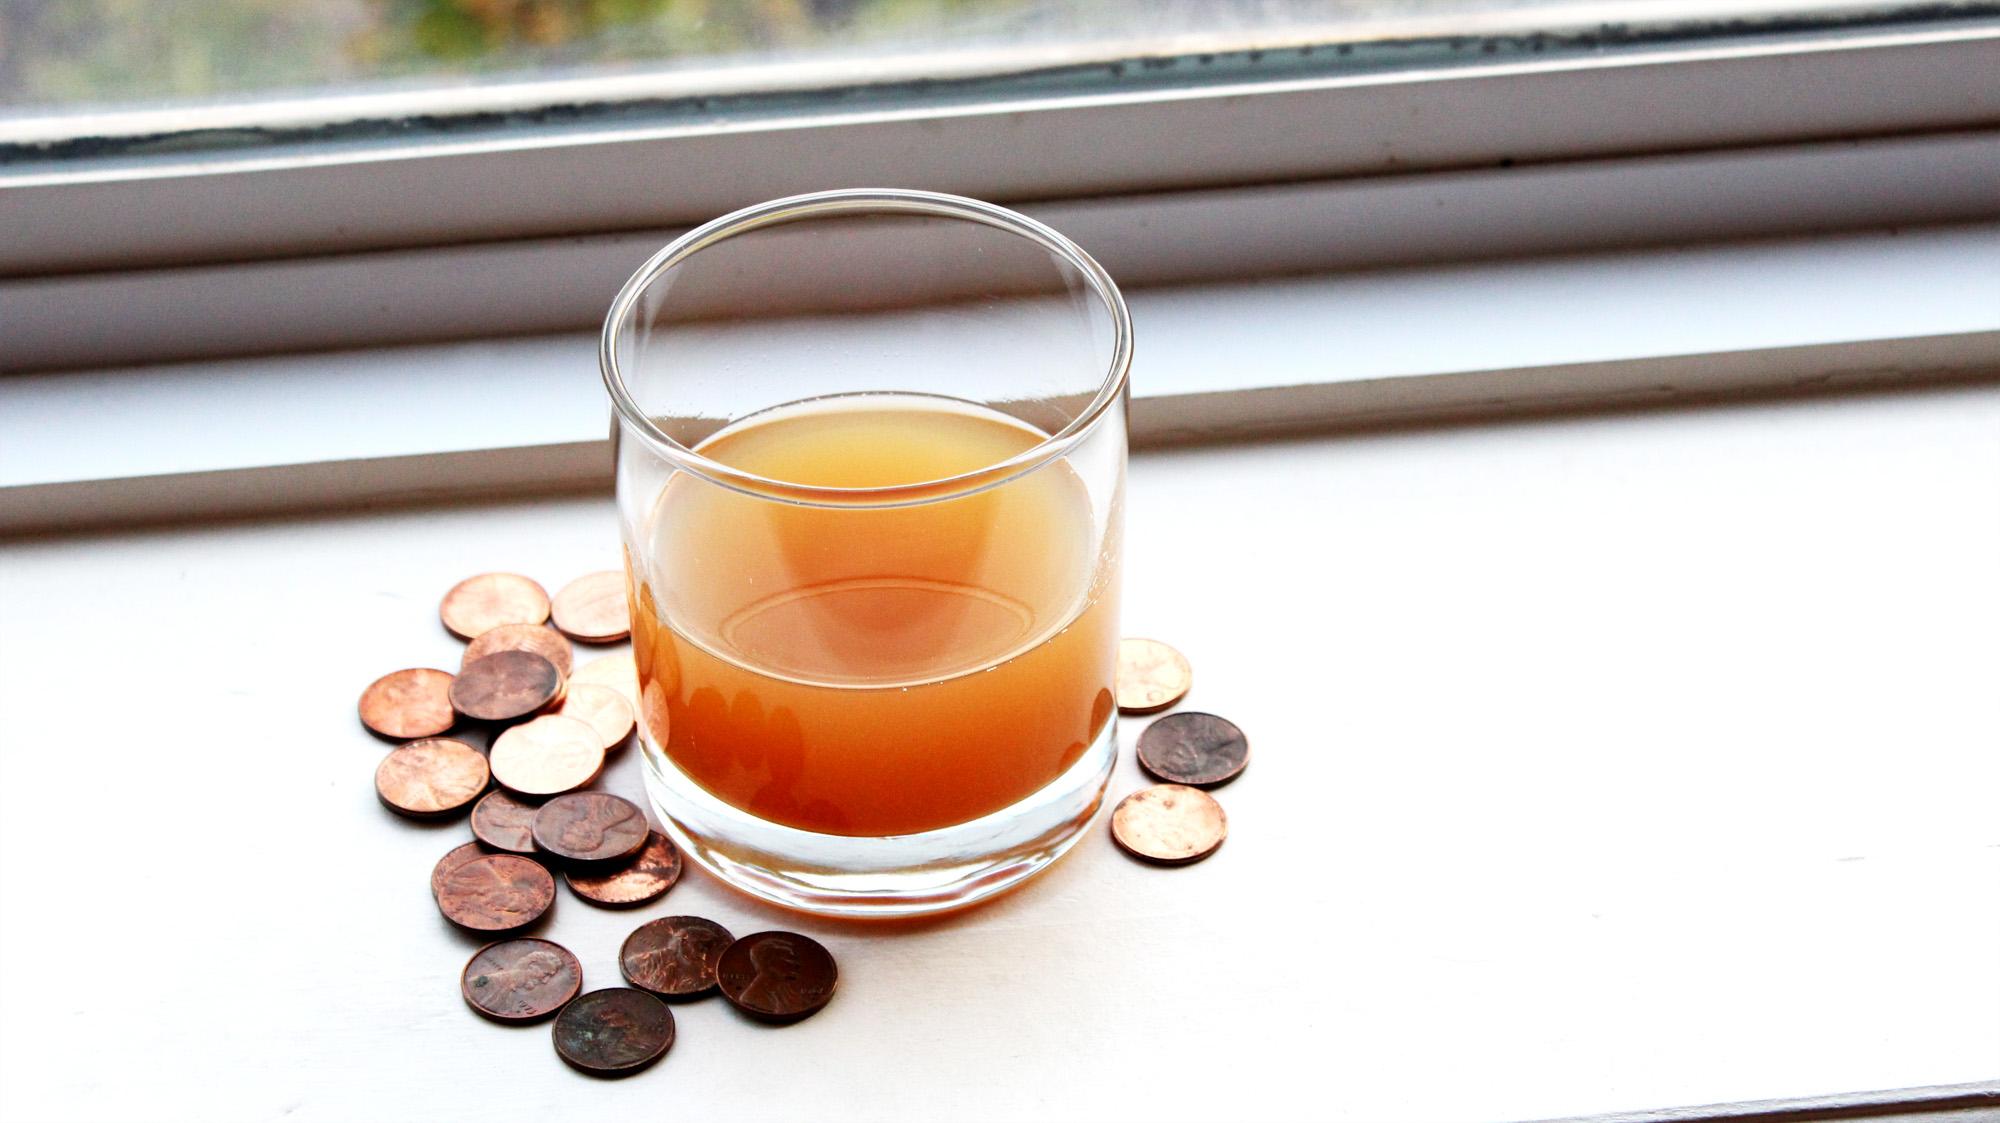 Geek Drink of the Week: Grand Cider